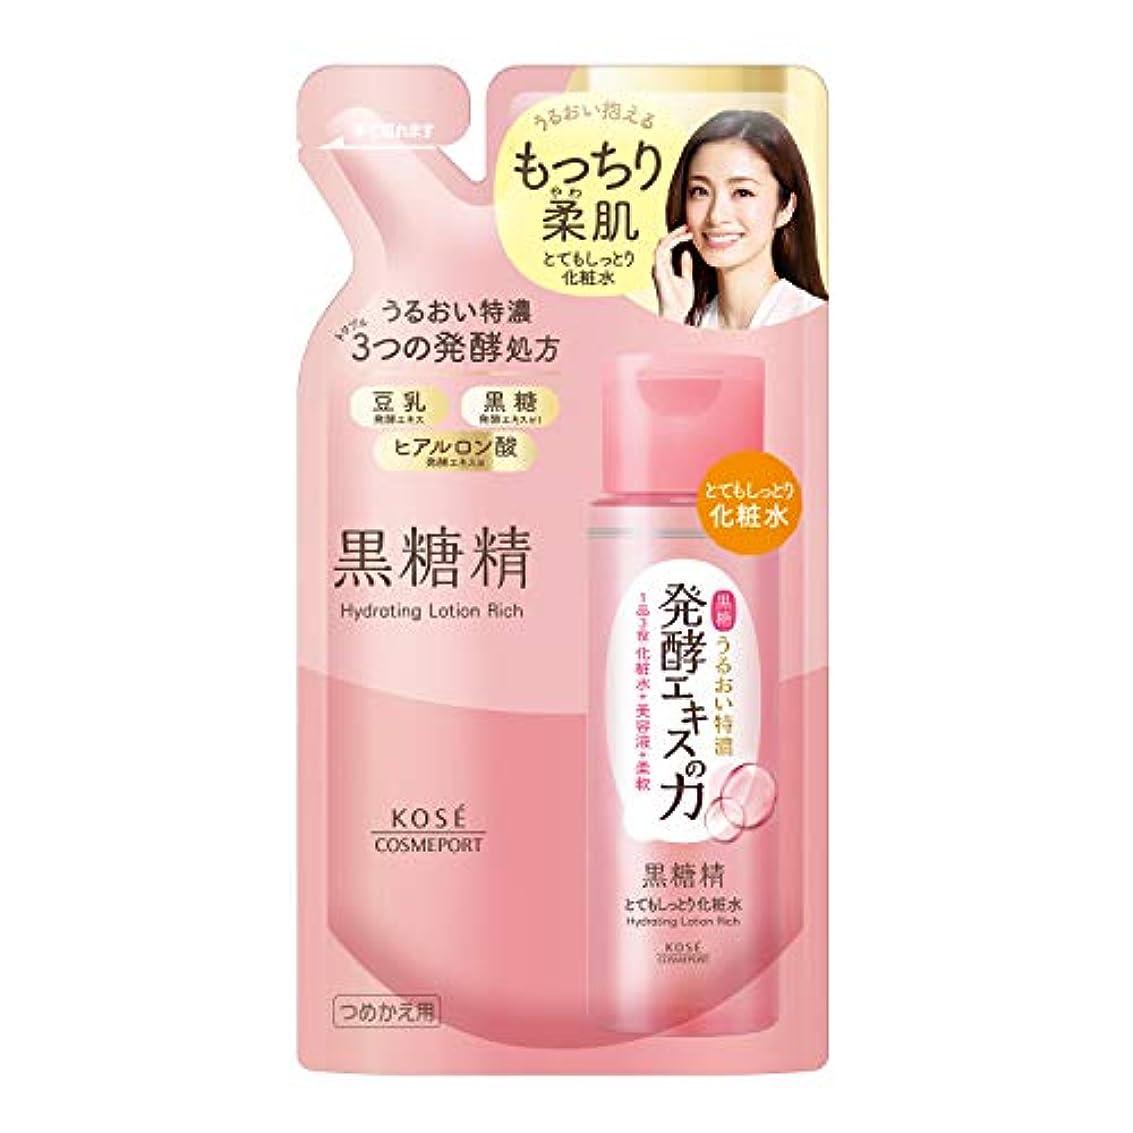 油二層フェザーKOSE 黒糖精 とてもしっとり化粧水 つめかえ 160mL